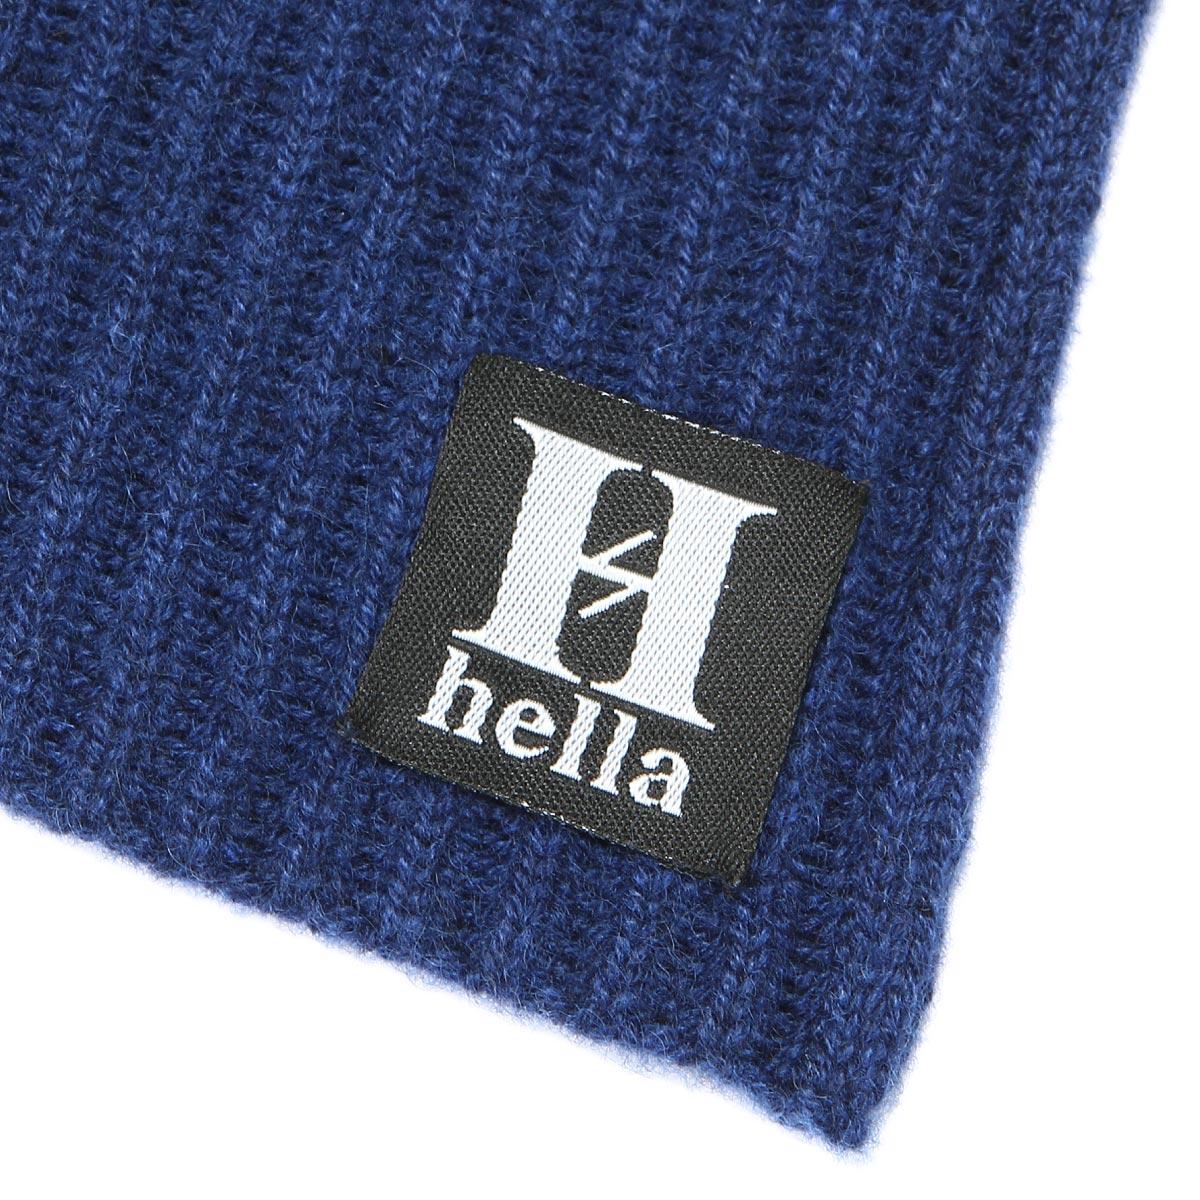 HELLA ヘラ | ニットキャップ